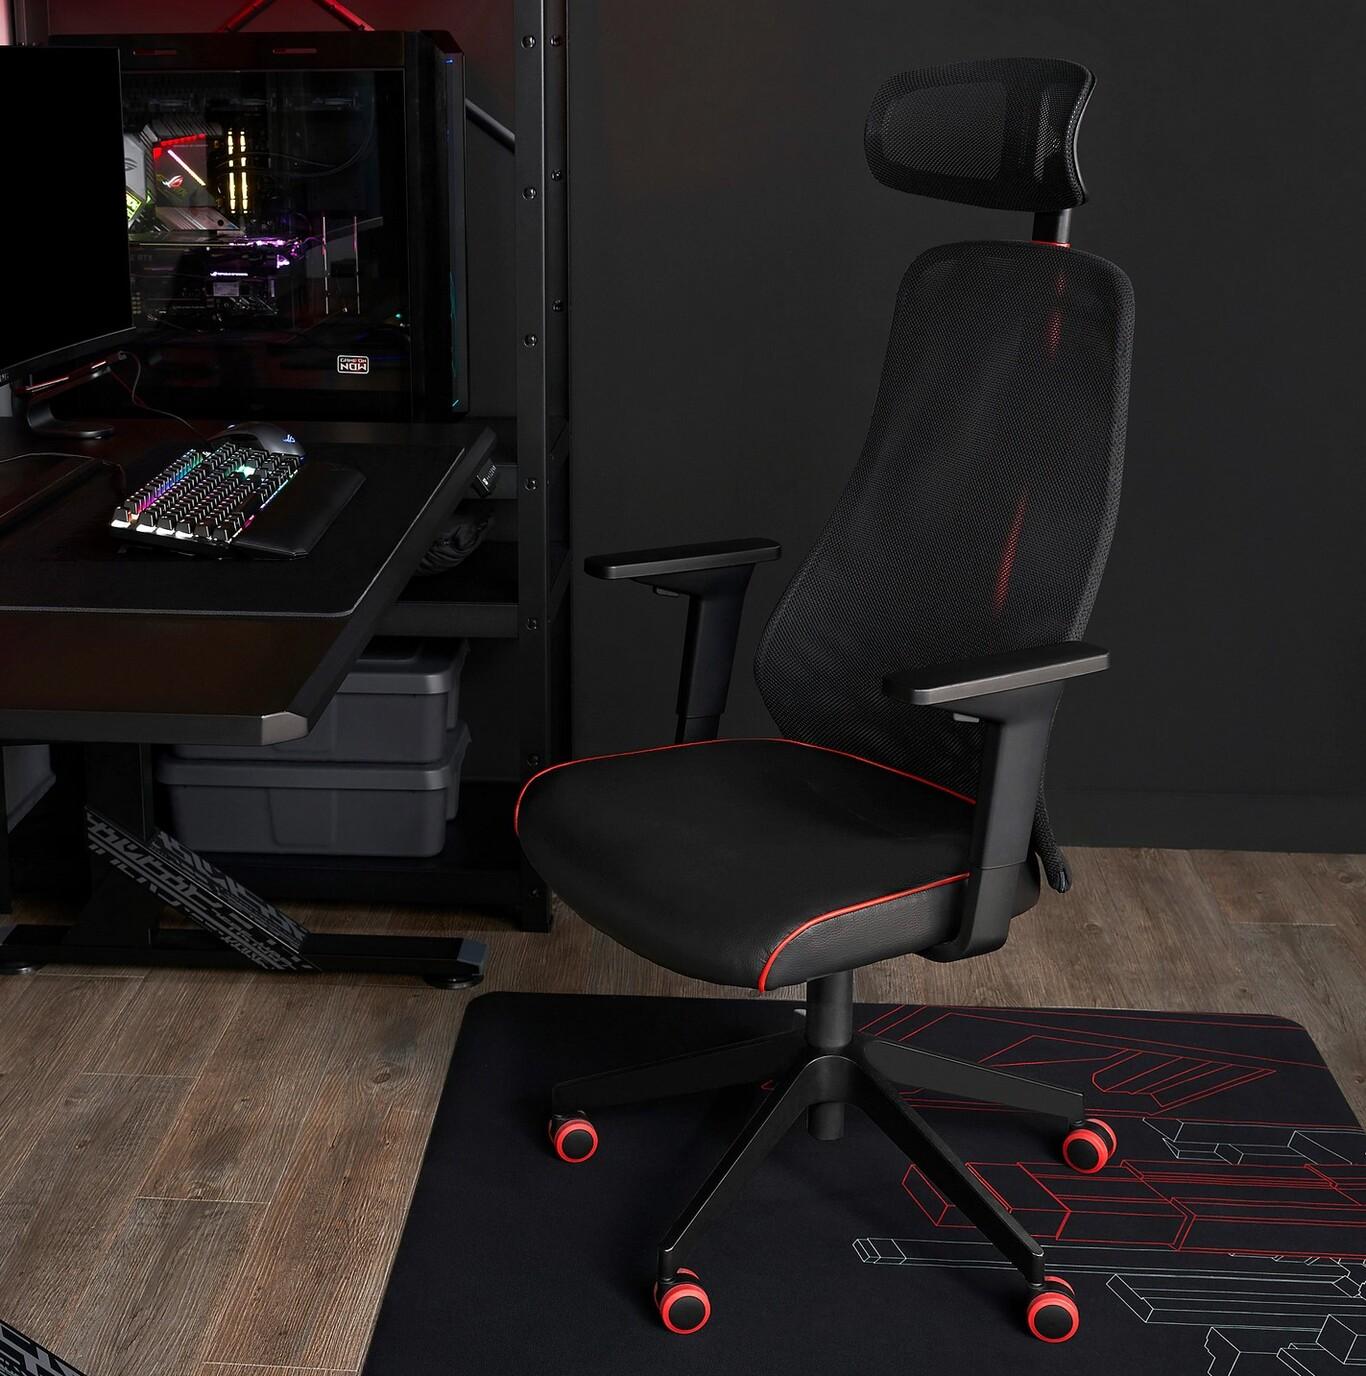 Ikea y Asus lanzarán una línea de muebles gaming en 2021 5